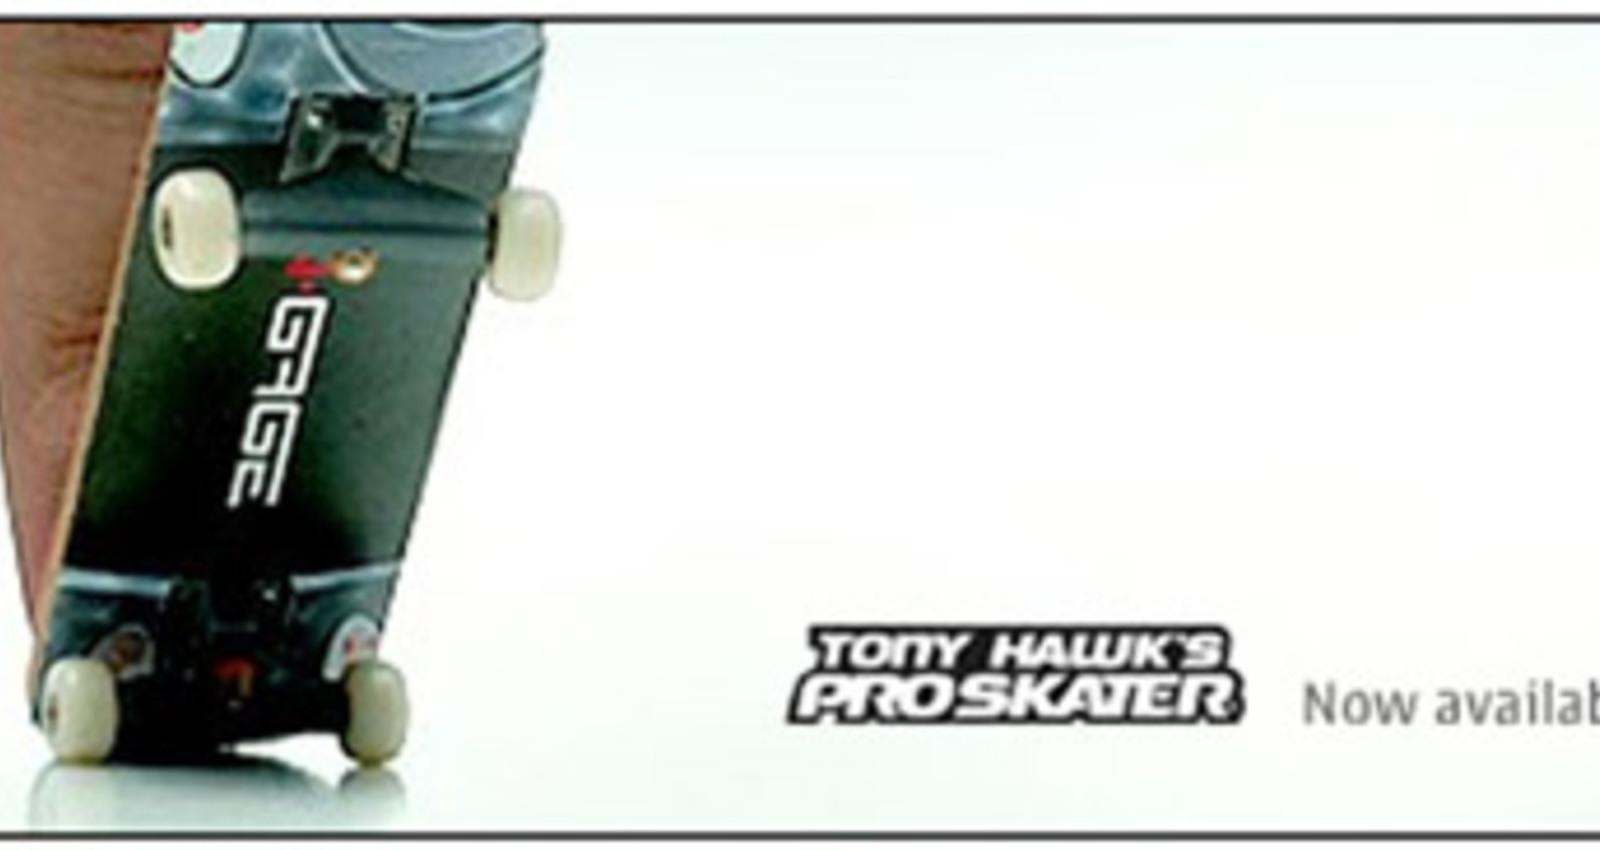 Ngage - Tony Hawk